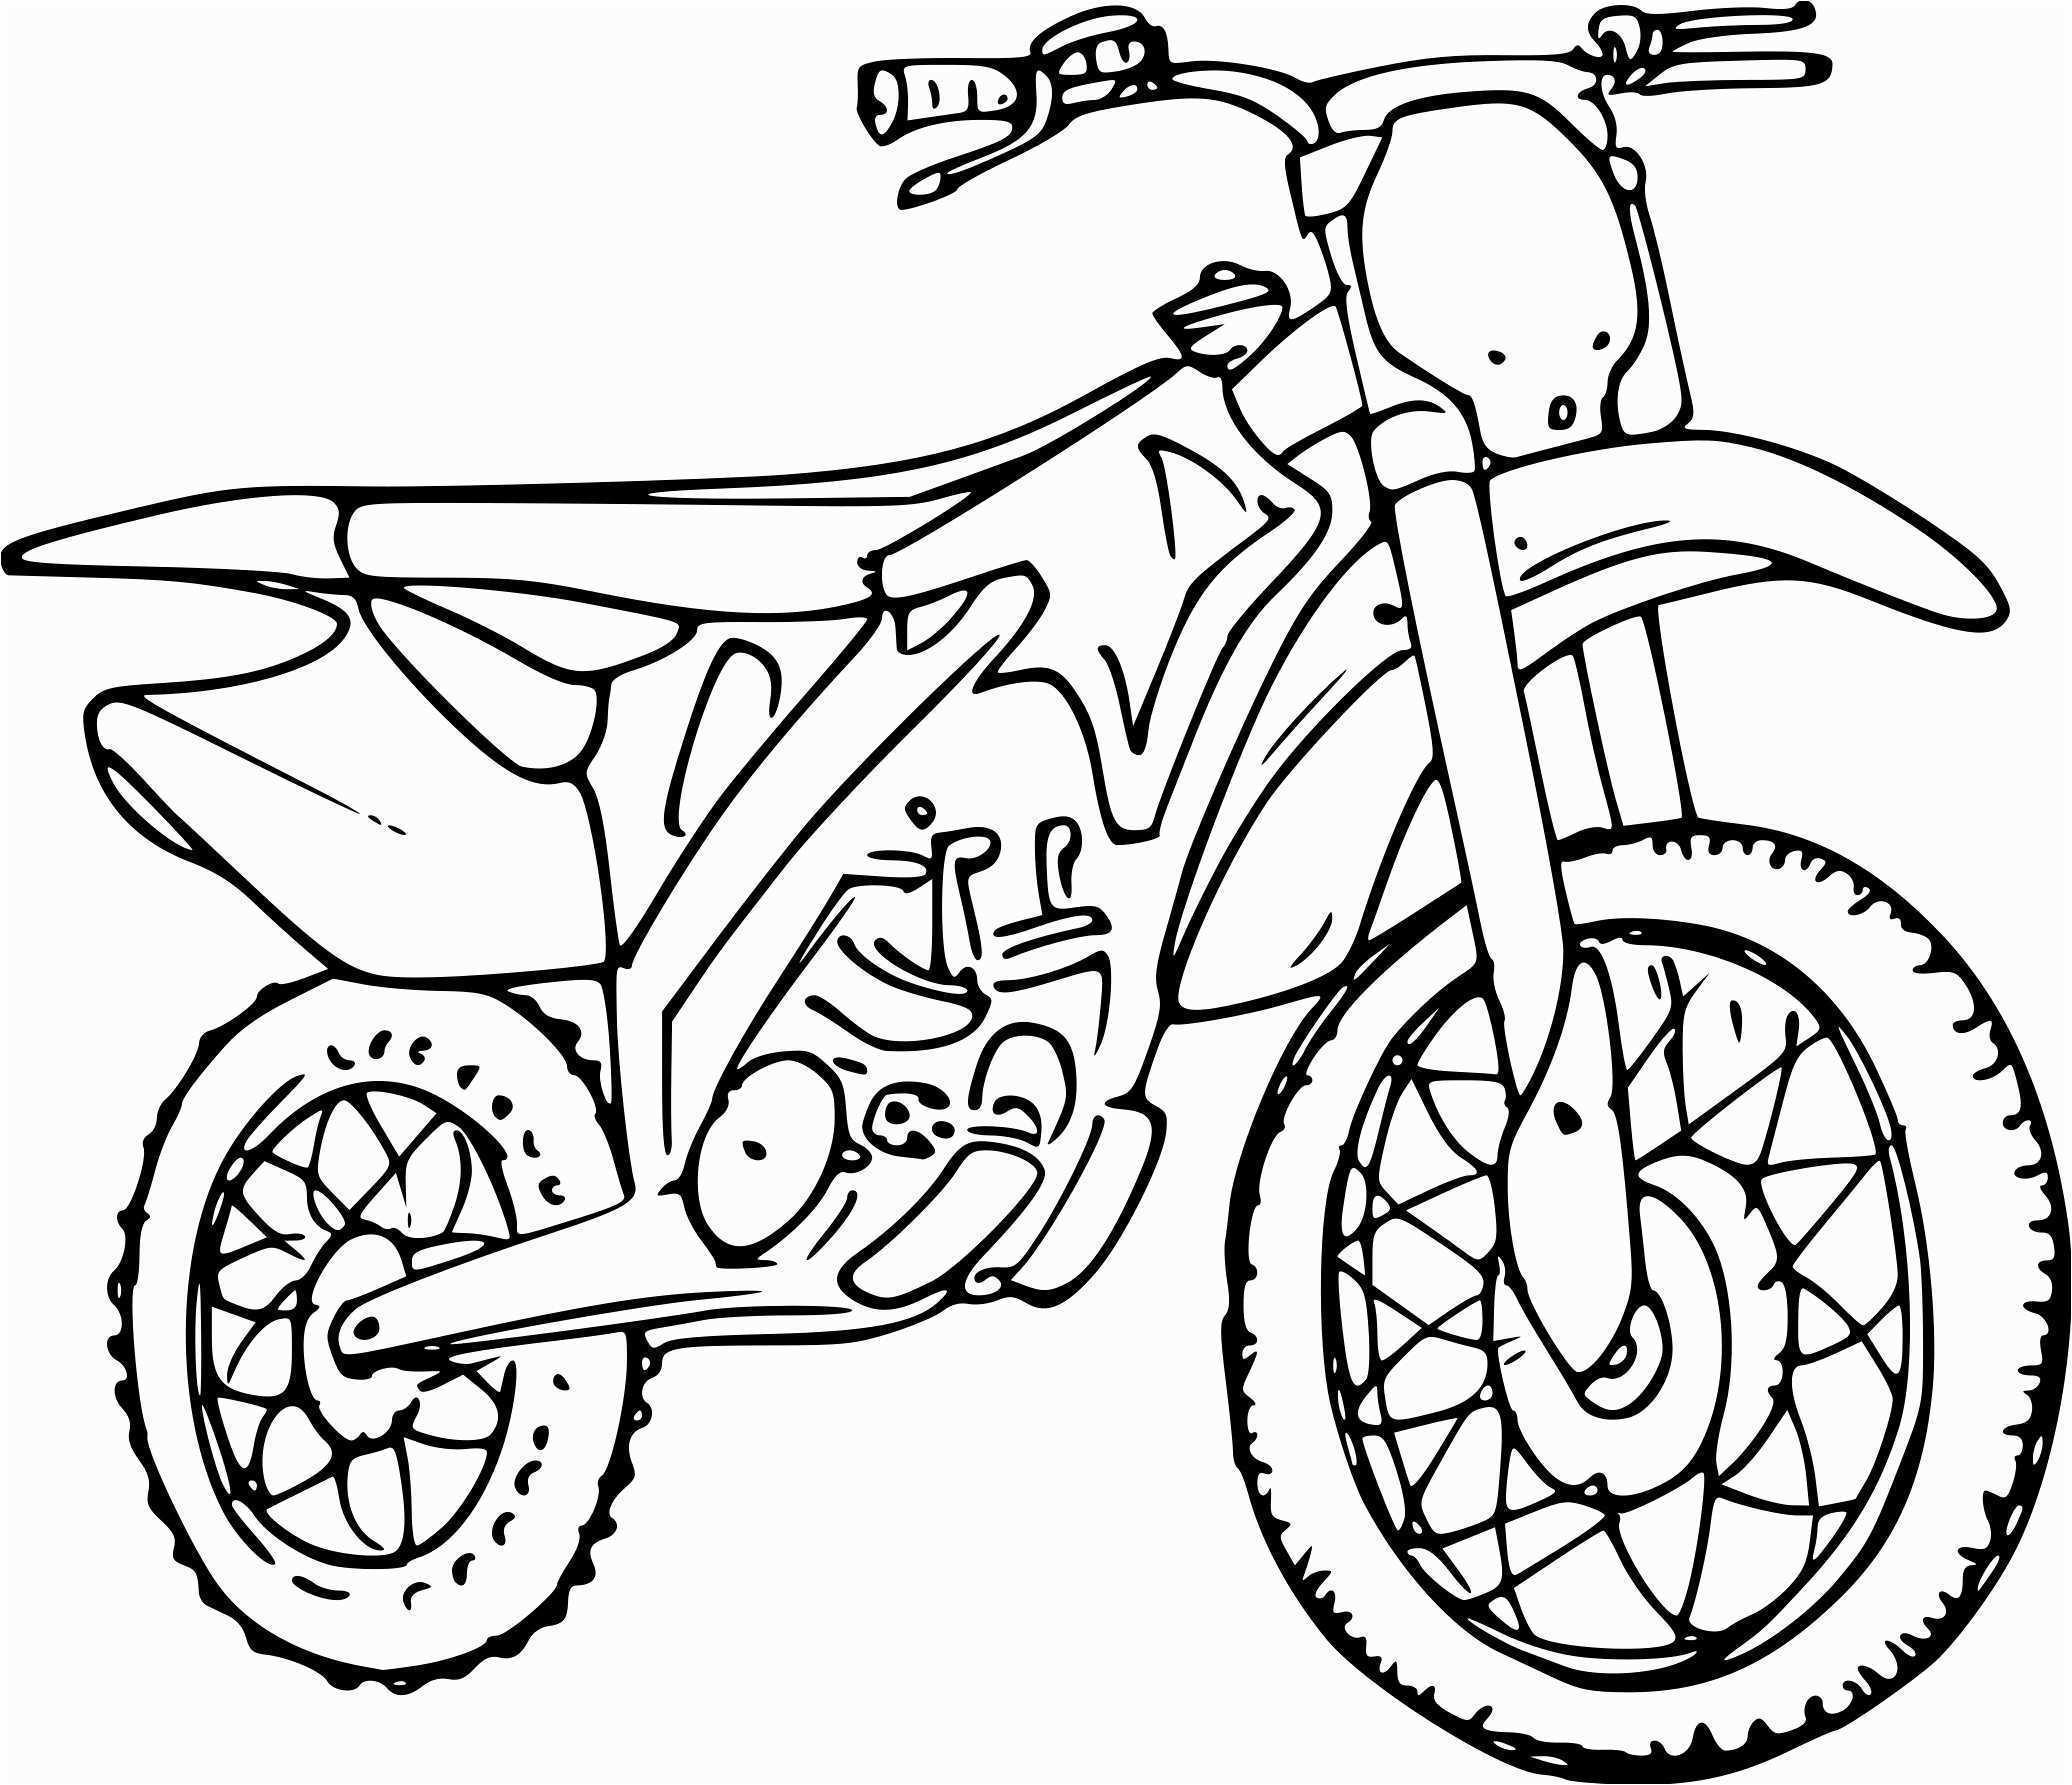 Coloriages A Imprimer Moto Numero 9dfa16a